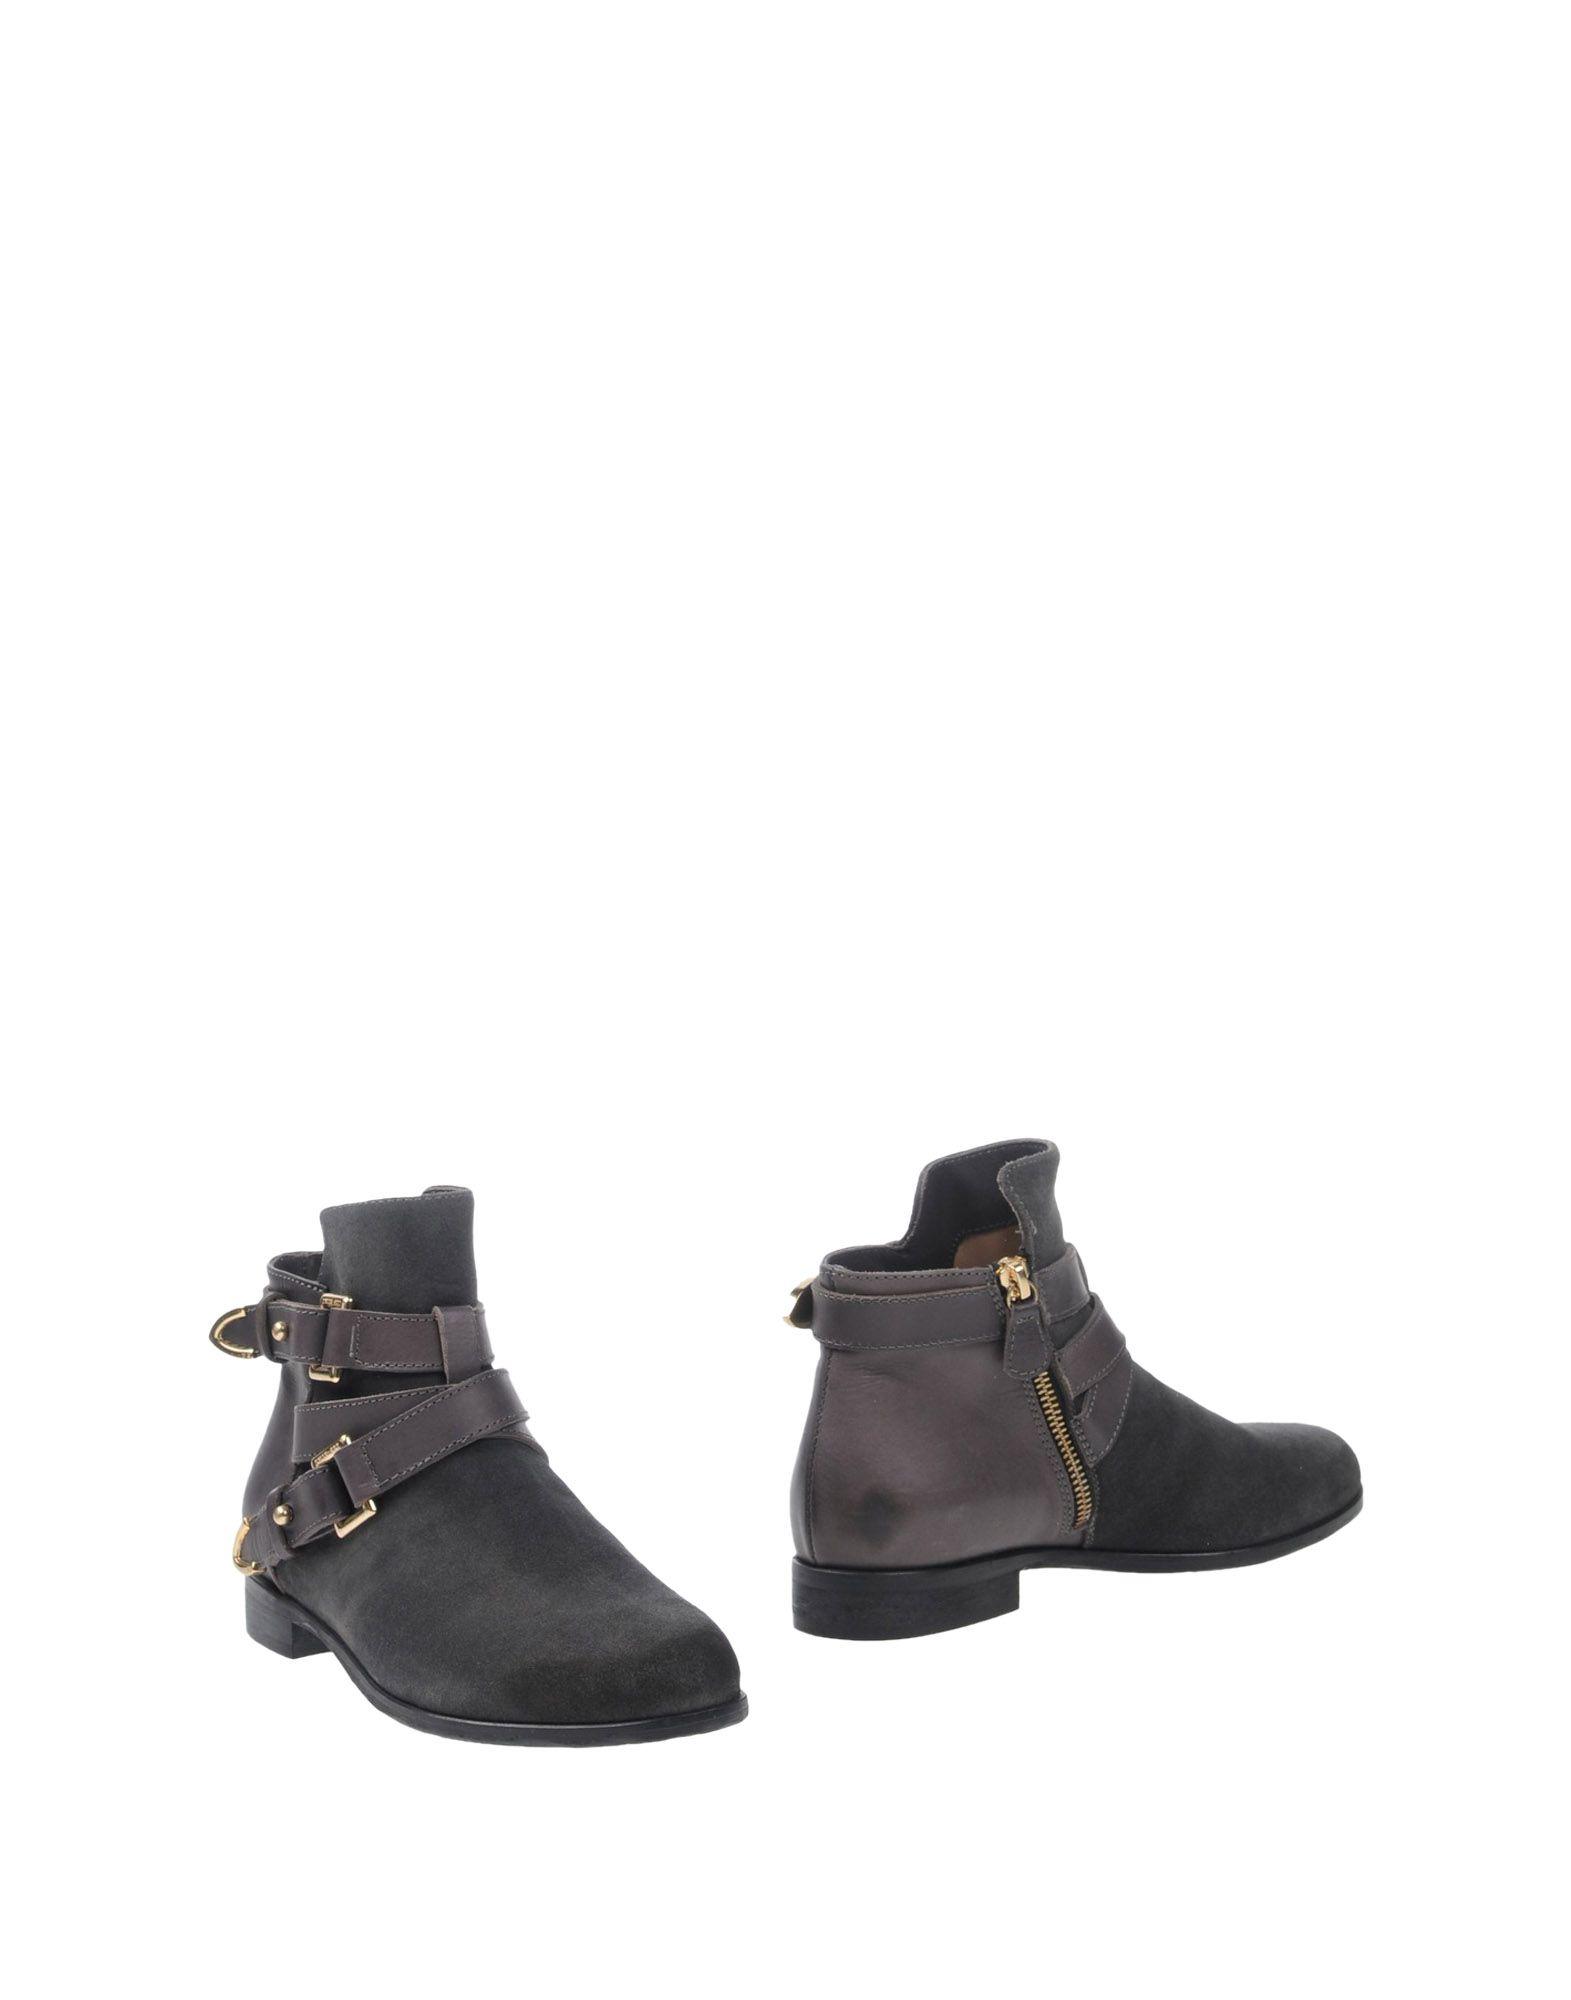 Haltbare Mode Beliebte billige Schuhe Twin 11244834PA Beliebte Mode Schuhe 1771fe